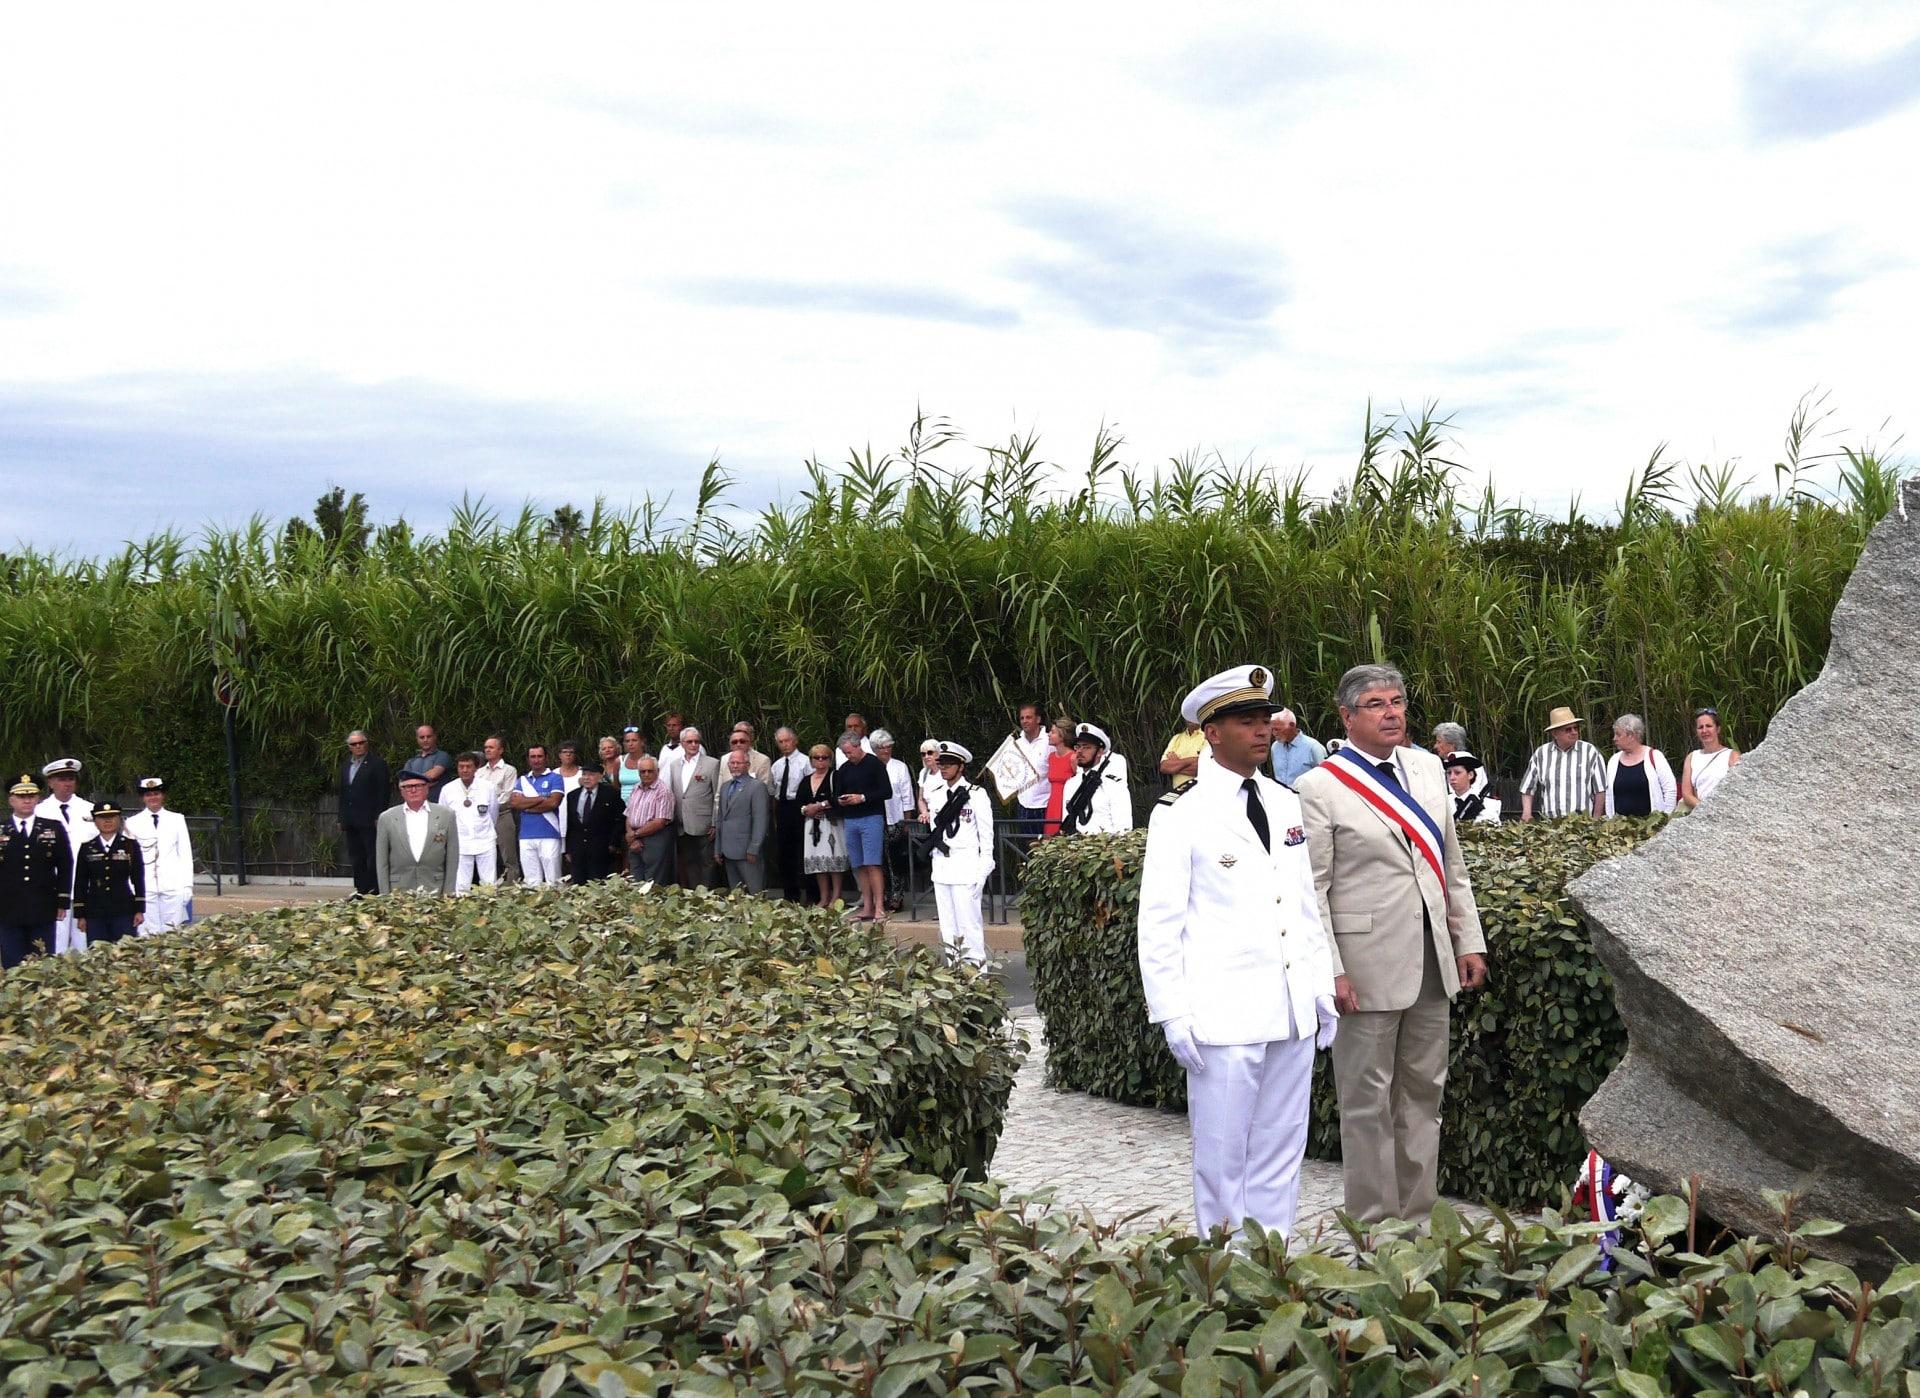 ceremonie 15 aout - Patch - F.Ba.